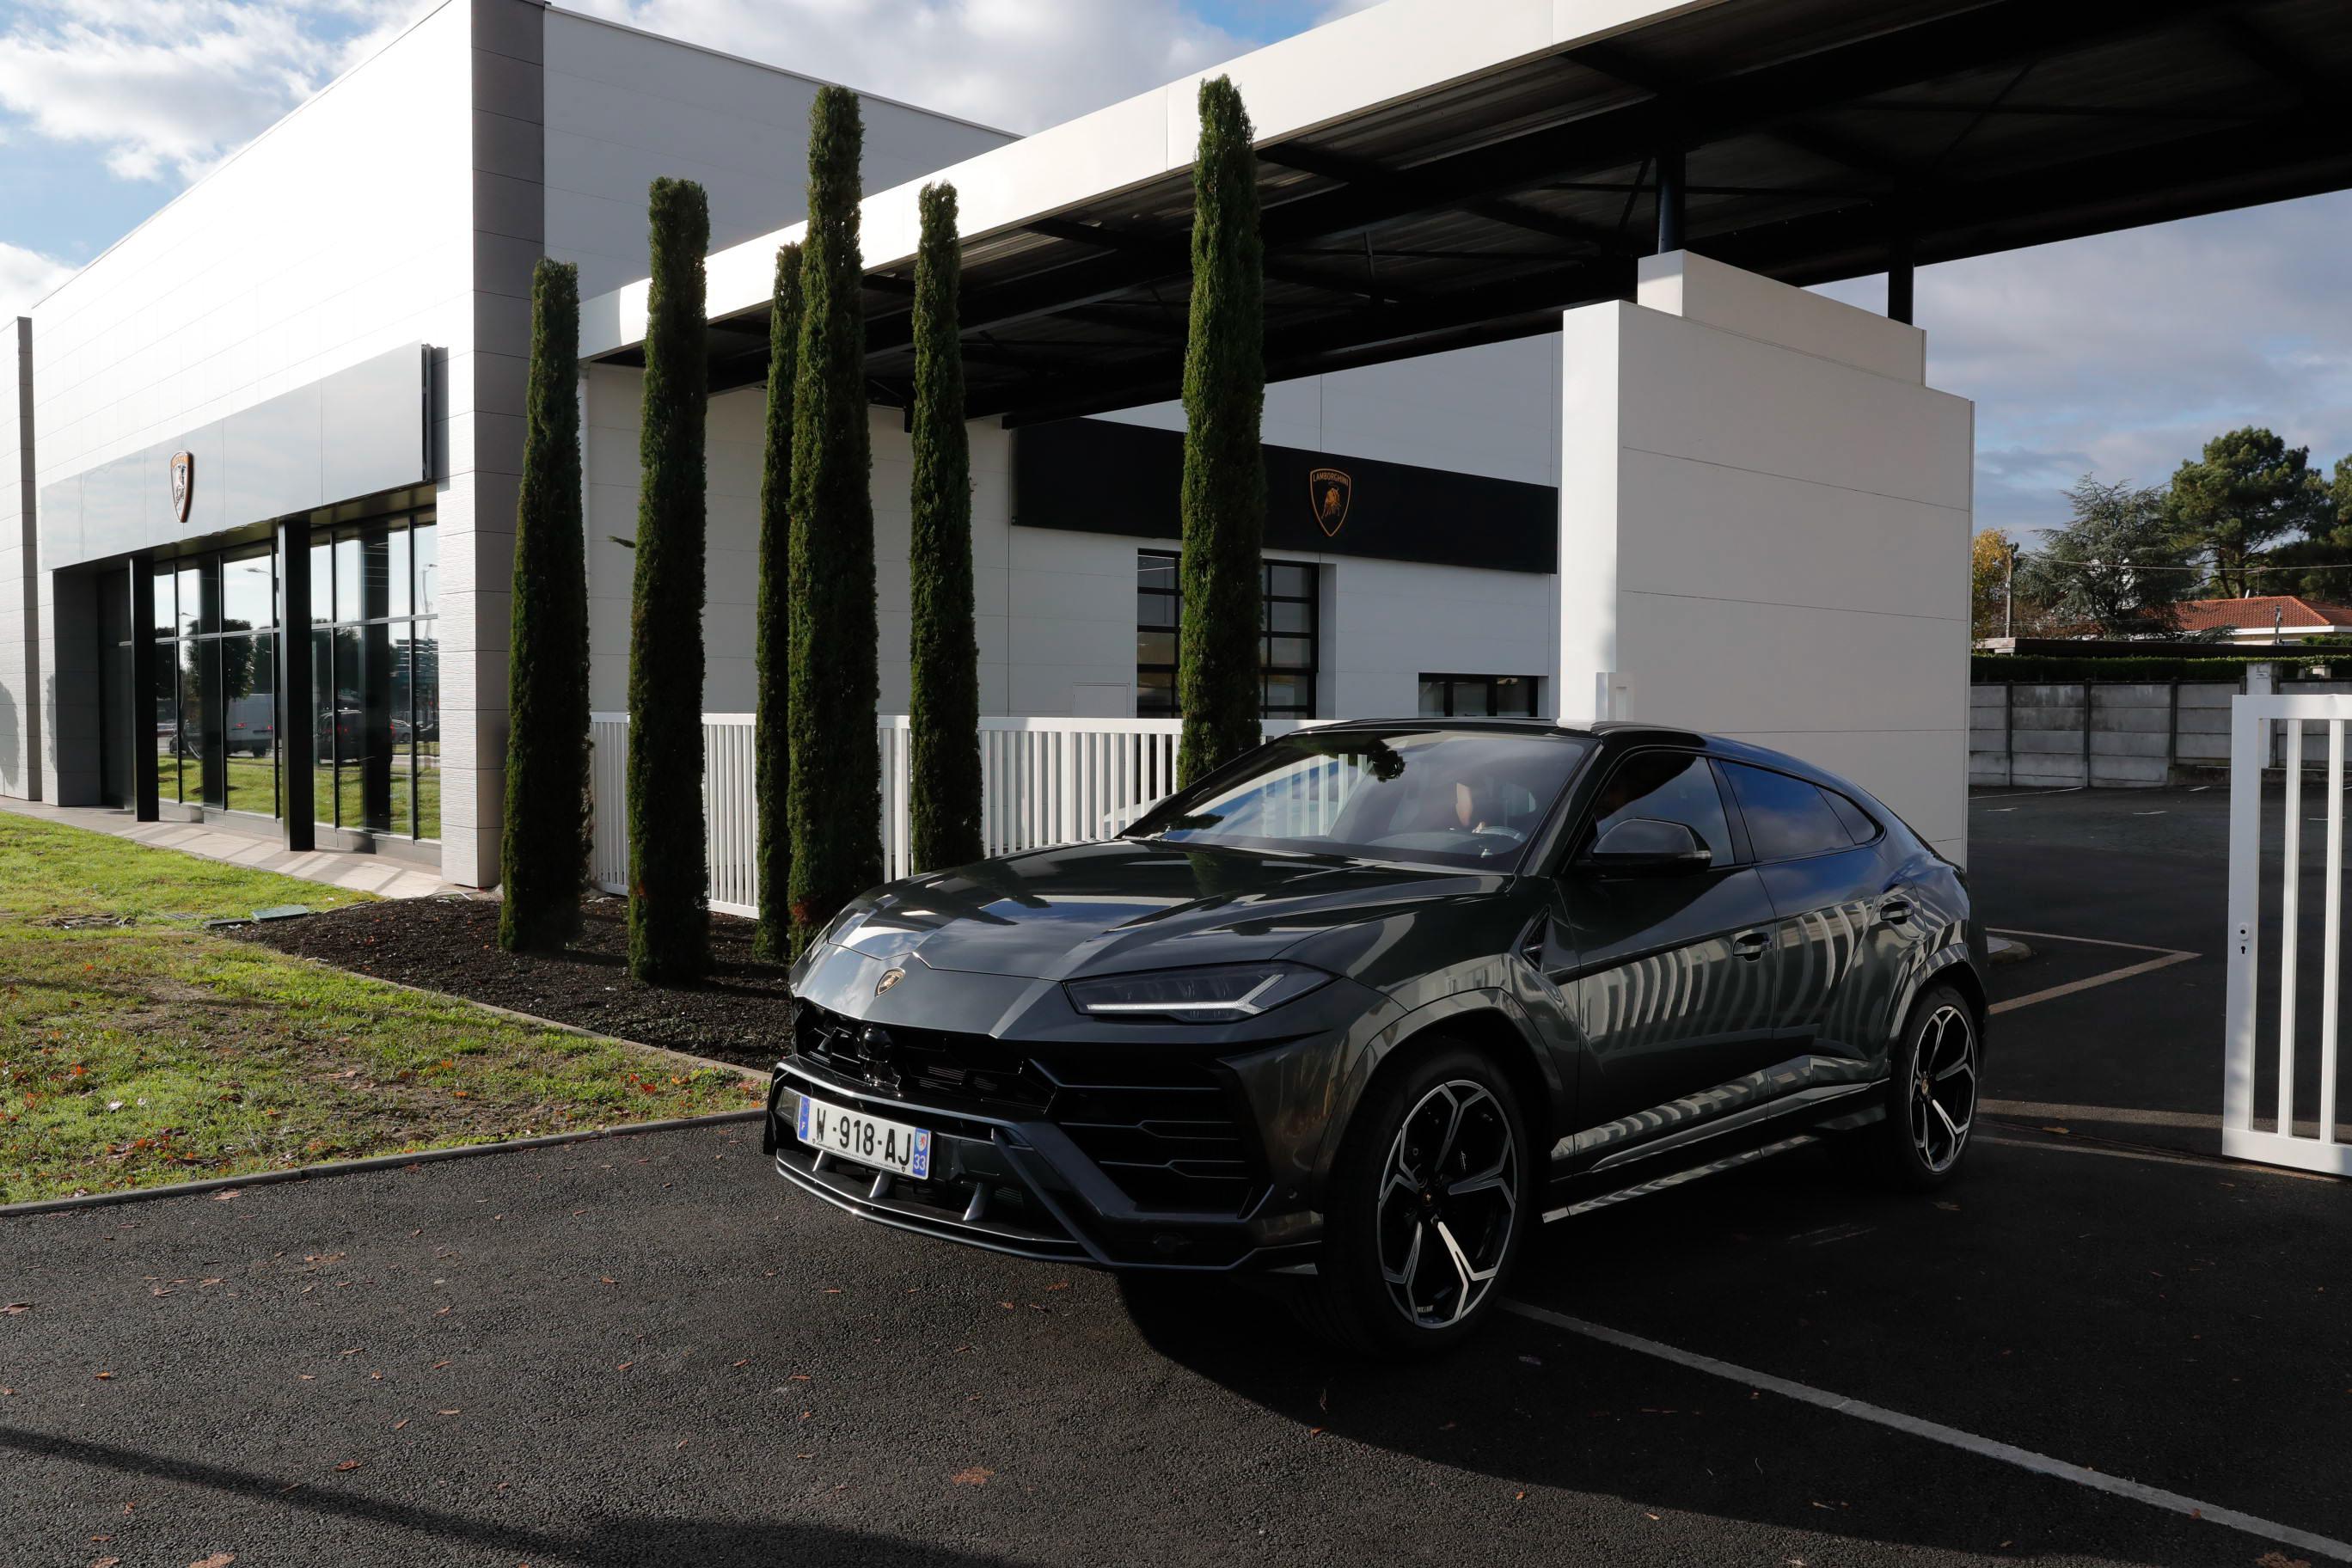 auto occasion bordeaux garage voiture occasion bordeaux. Black Bedroom Furniture Sets. Home Design Ideas